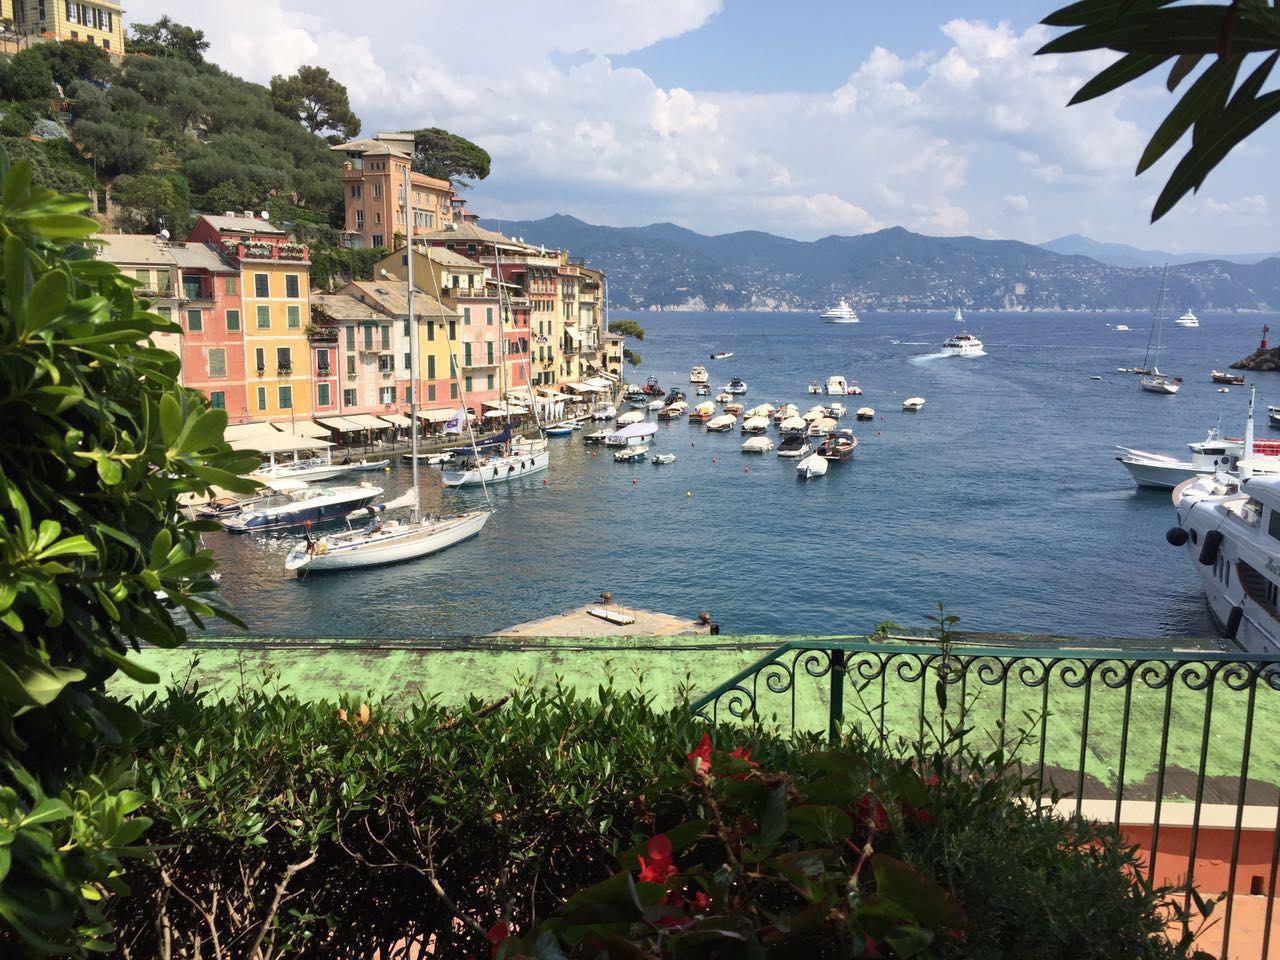 Portofino - the heart of the Italian Riviera